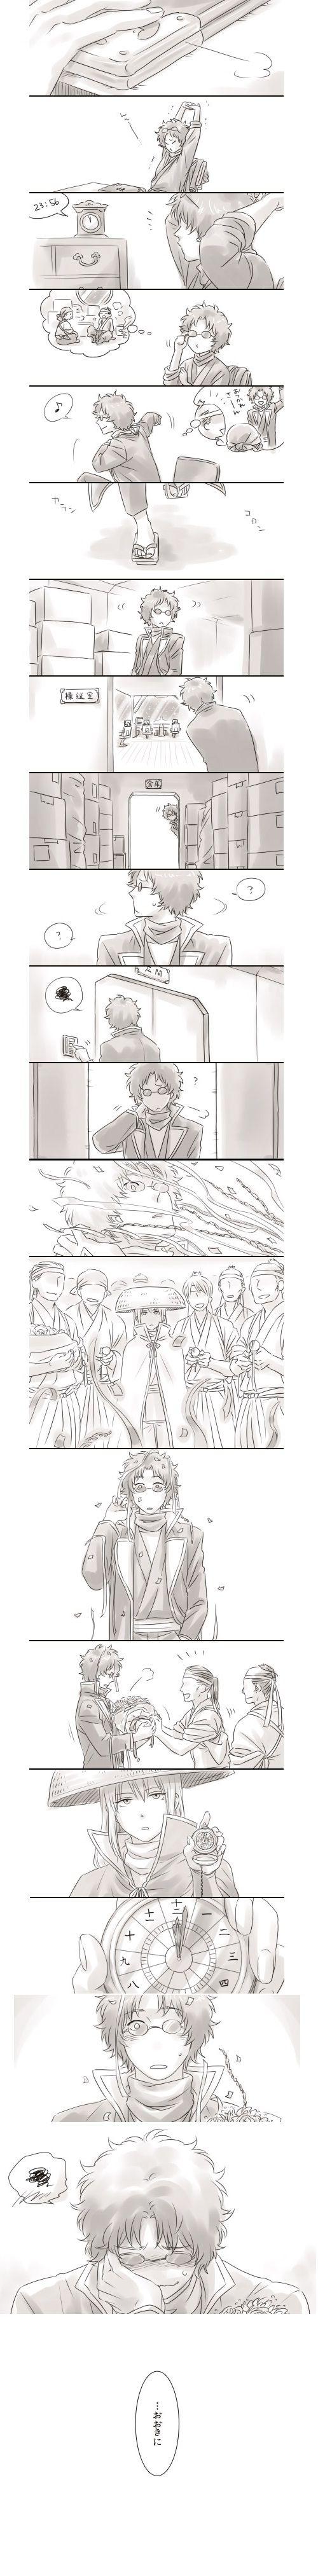 #銀魂 #GINTAMA